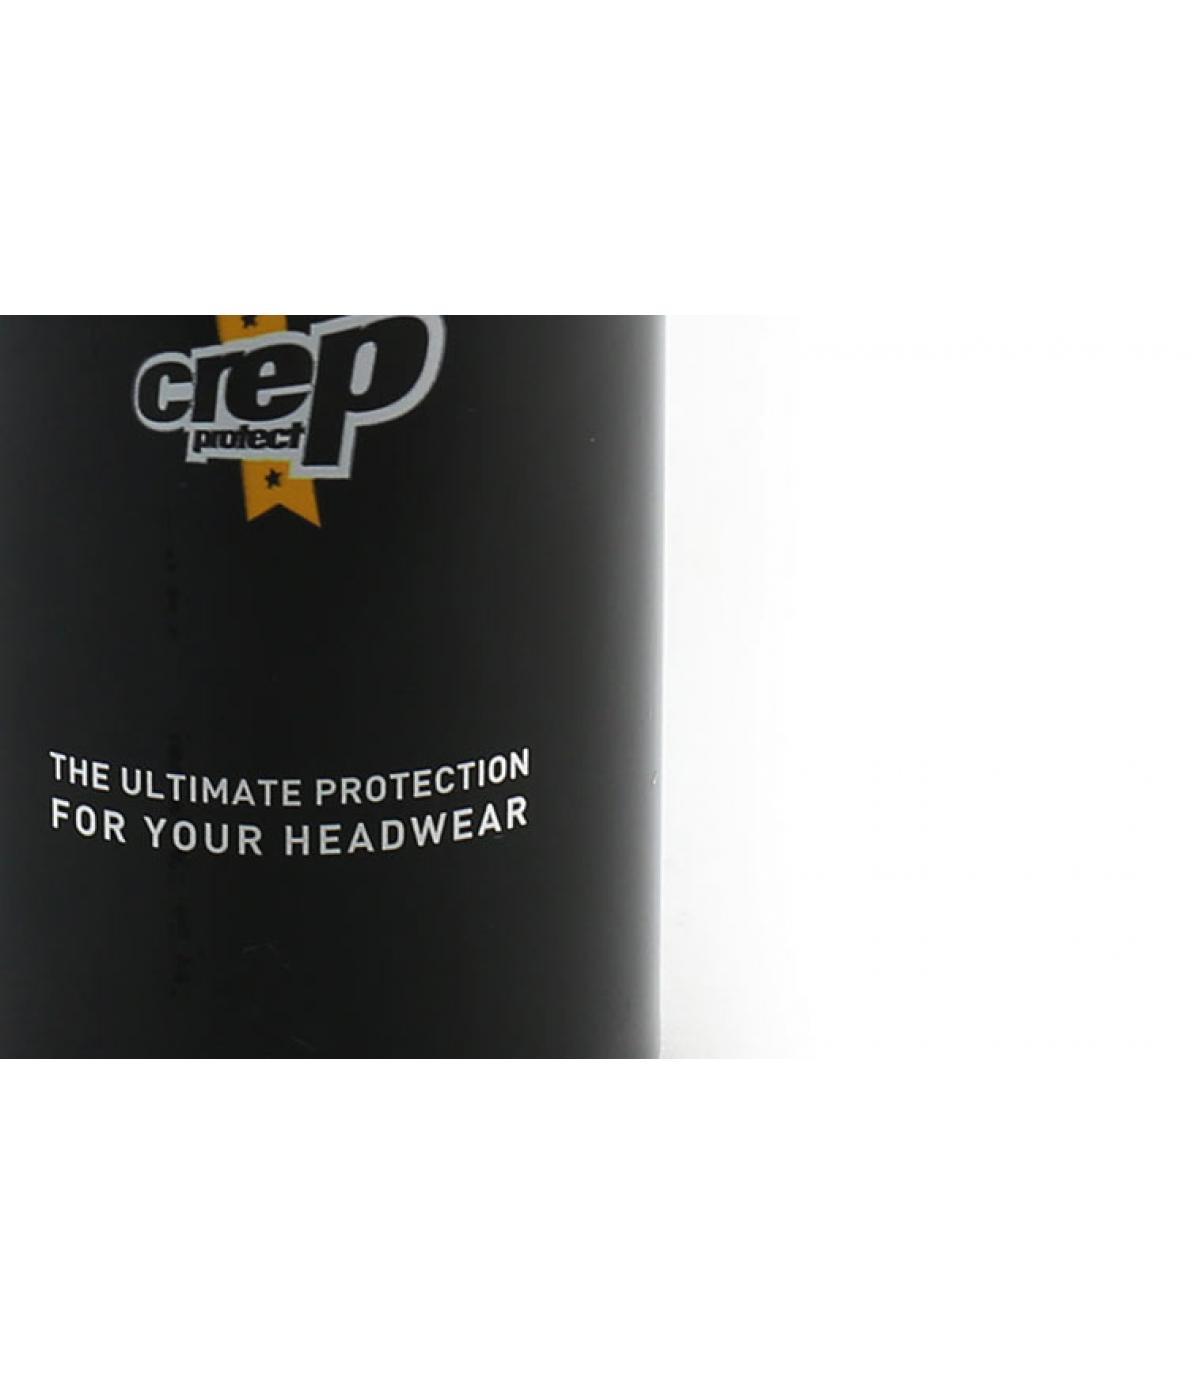 Dettagli Crep Protect New Era - image 2